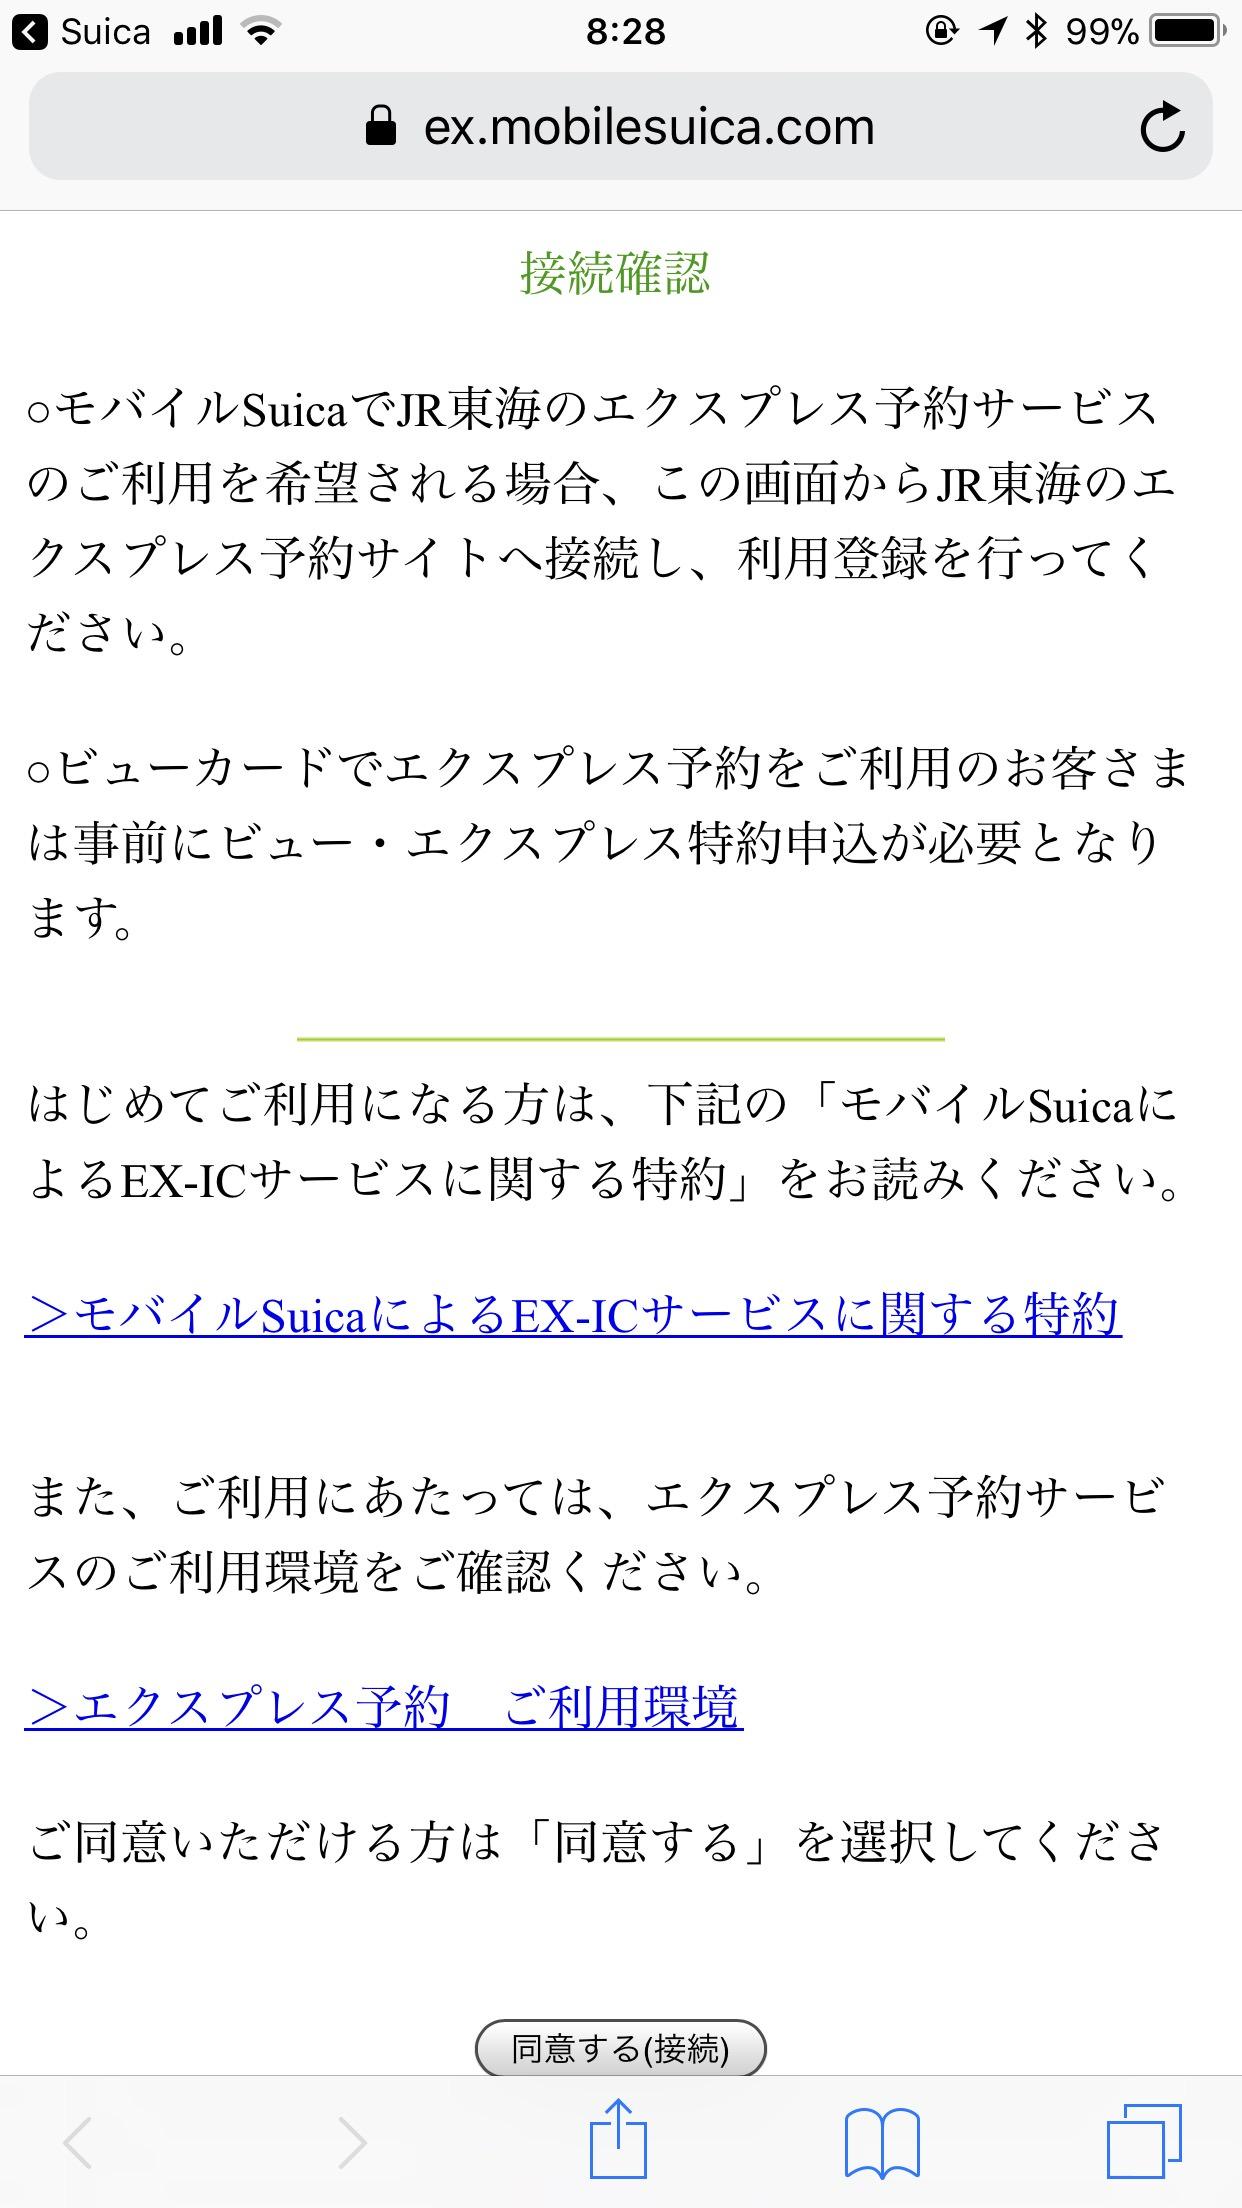 Suica ex mobile 9393